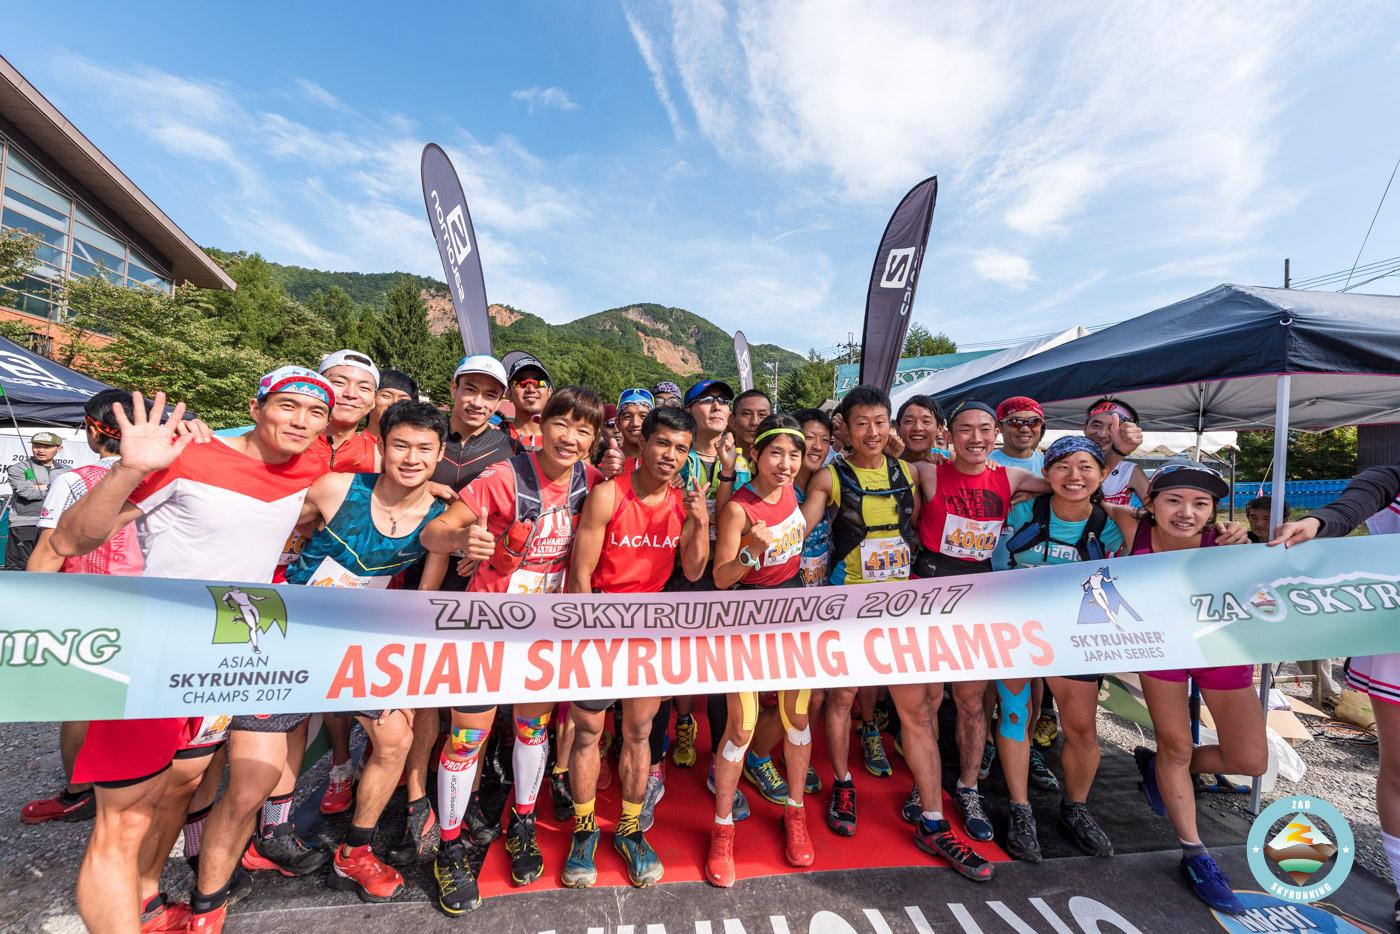 9カ国からの参加者を迎えインターナショナルなレースとなった ?ZAO SKYRUNNING